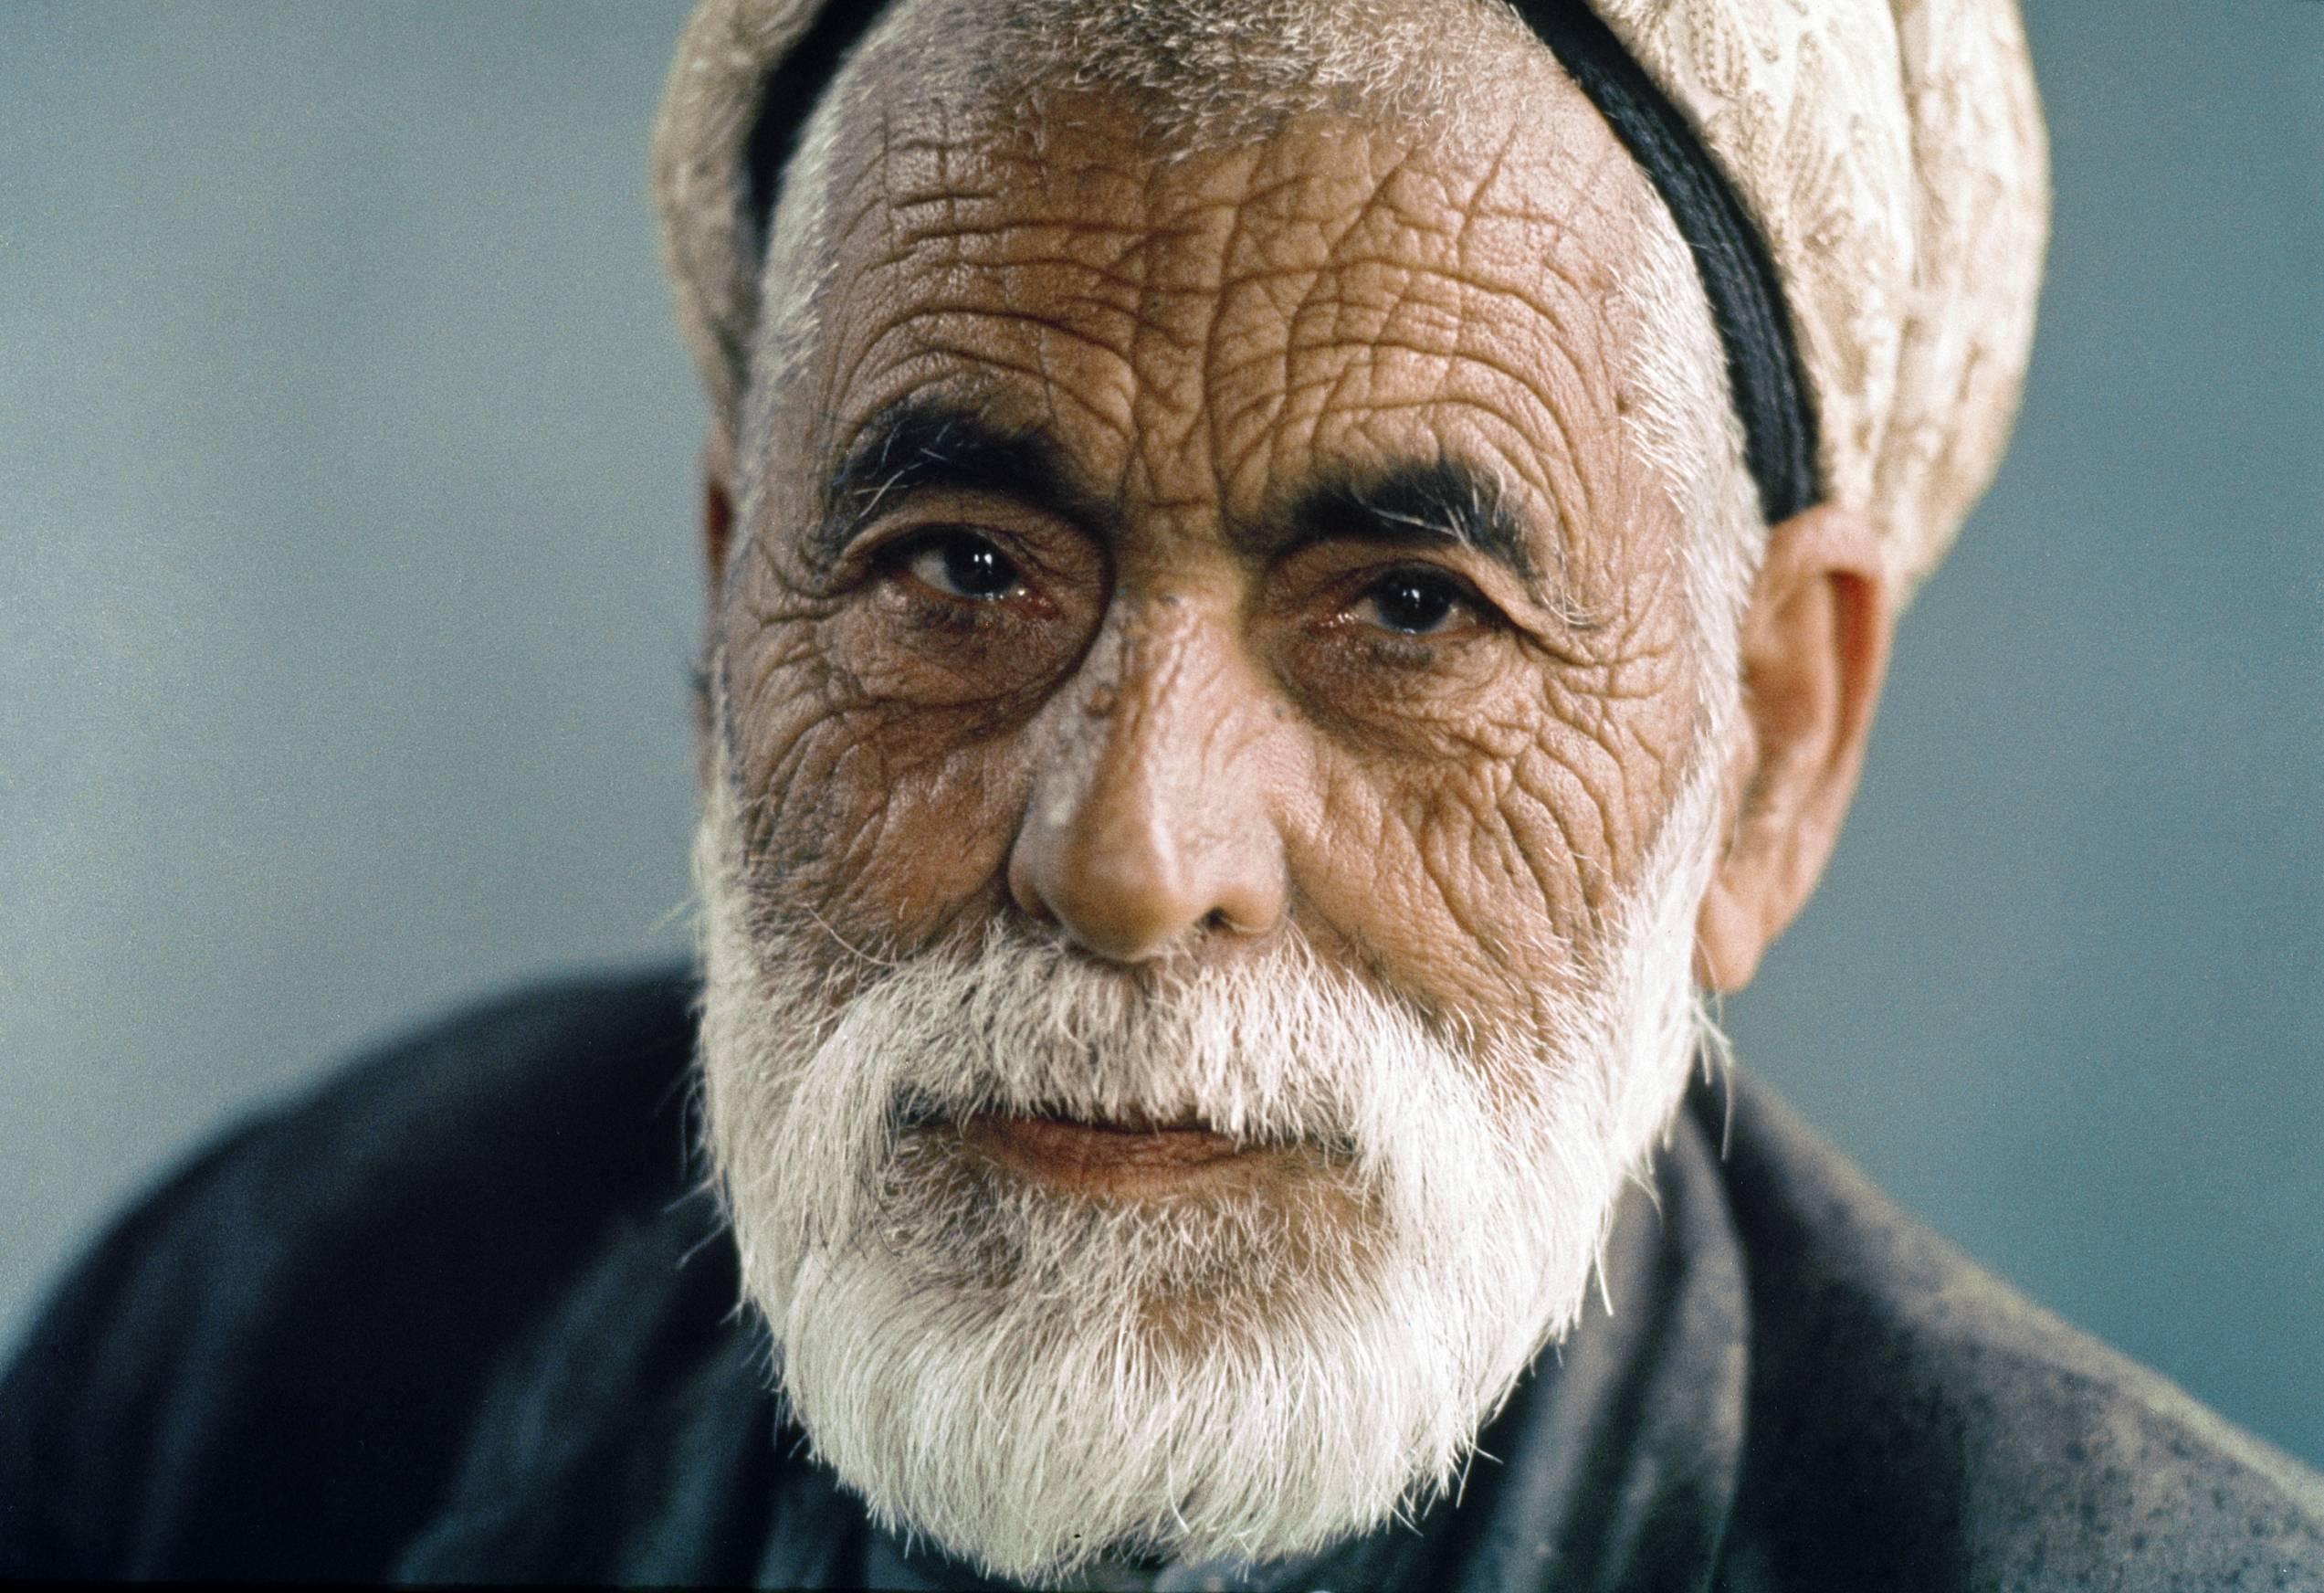 Verdensdagen imod vold og misbrug af ældre